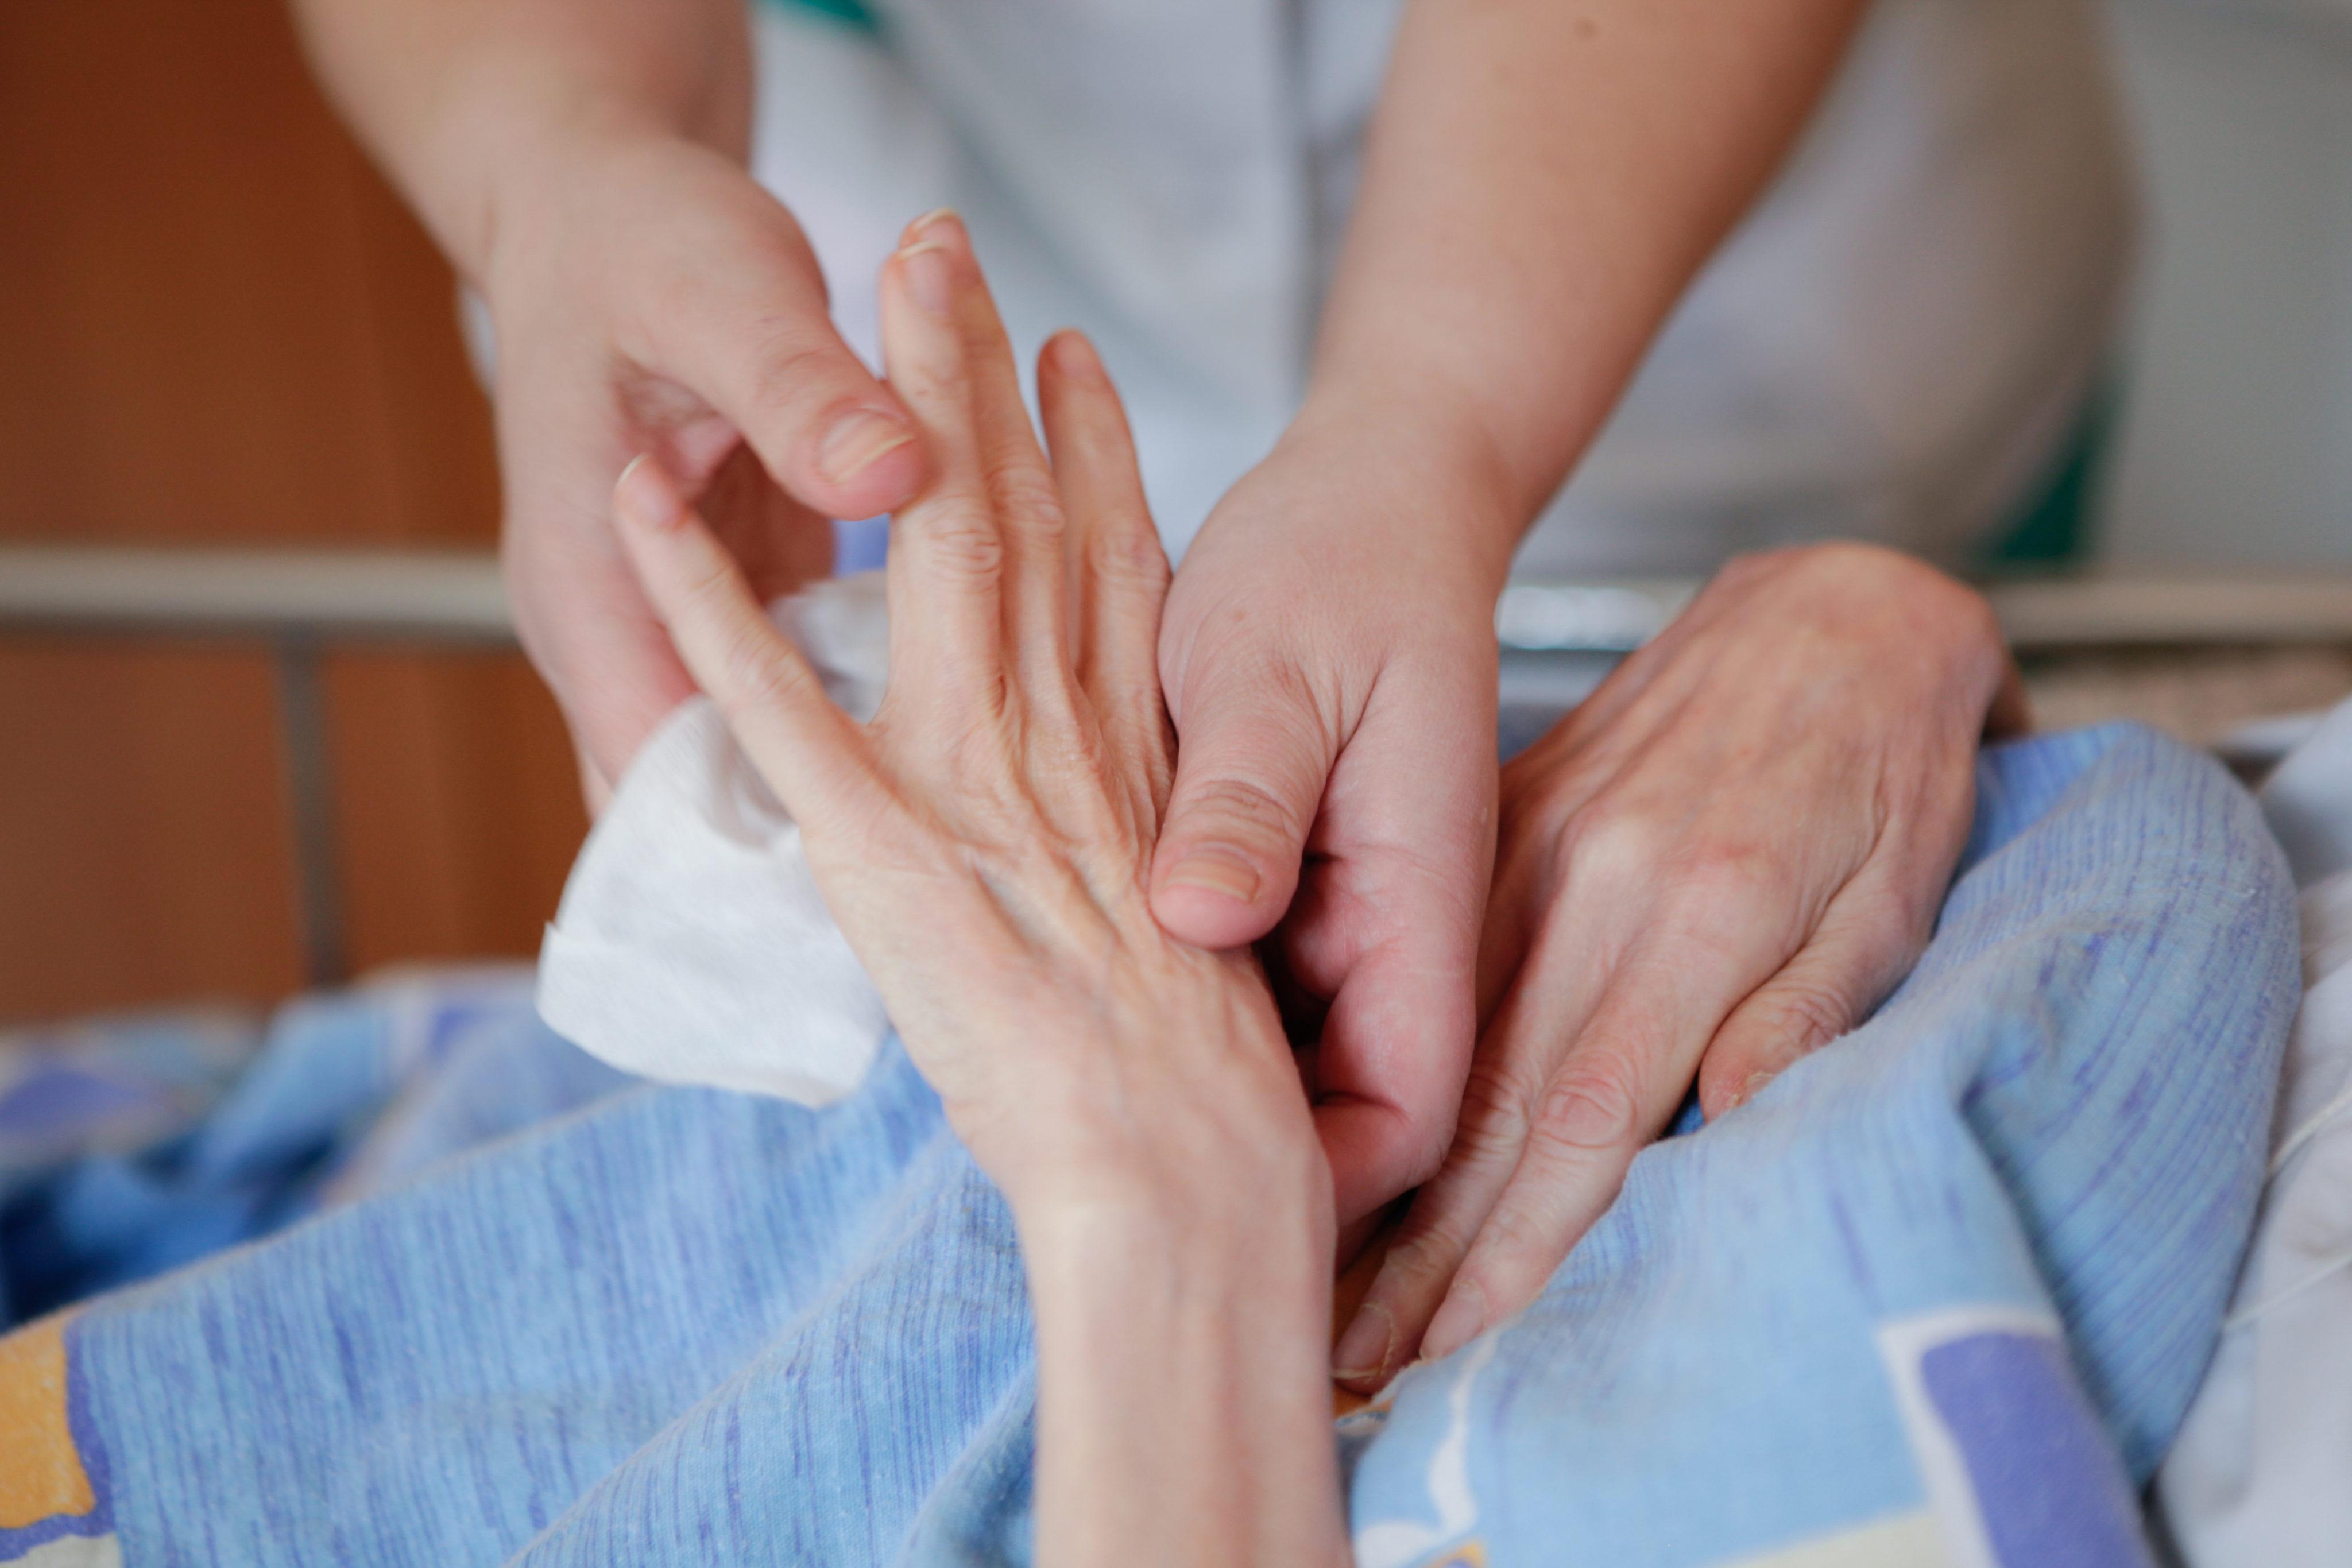 Сокращён срок обеспечения средствами реабилитации для паллиативных пациентов